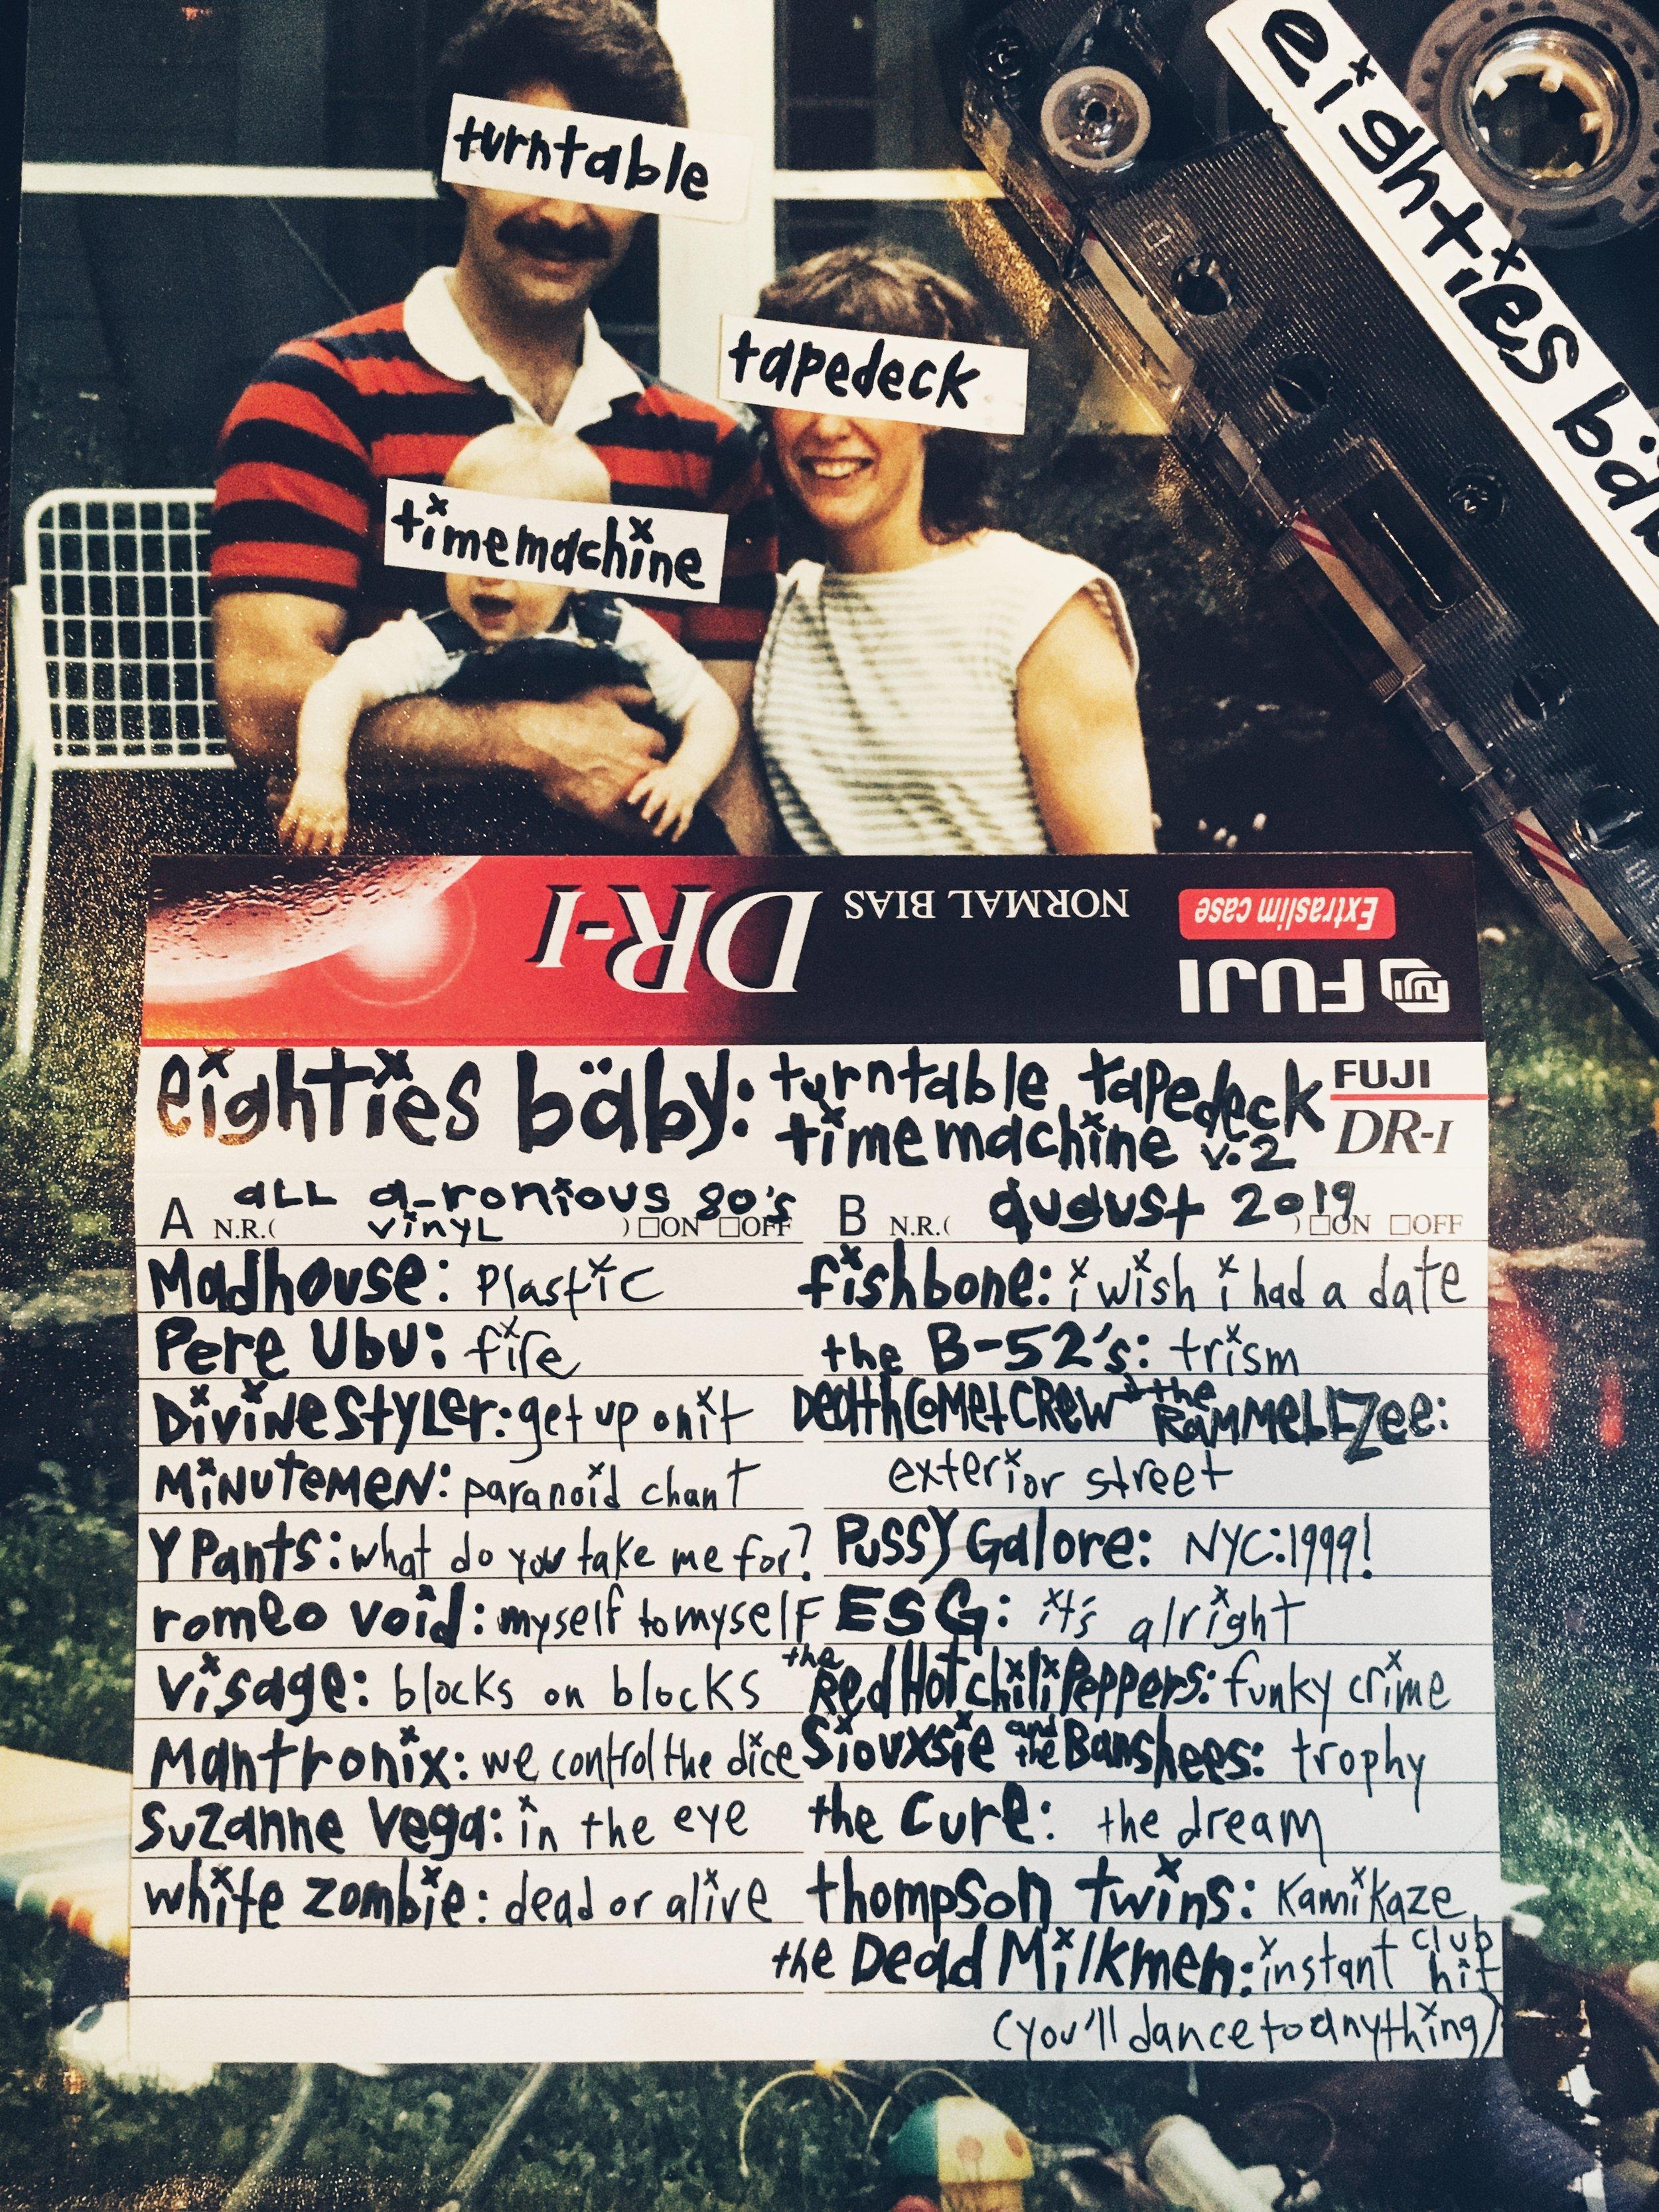 eighties baby- turntable tapedeck timemachine vol. 2.jpg